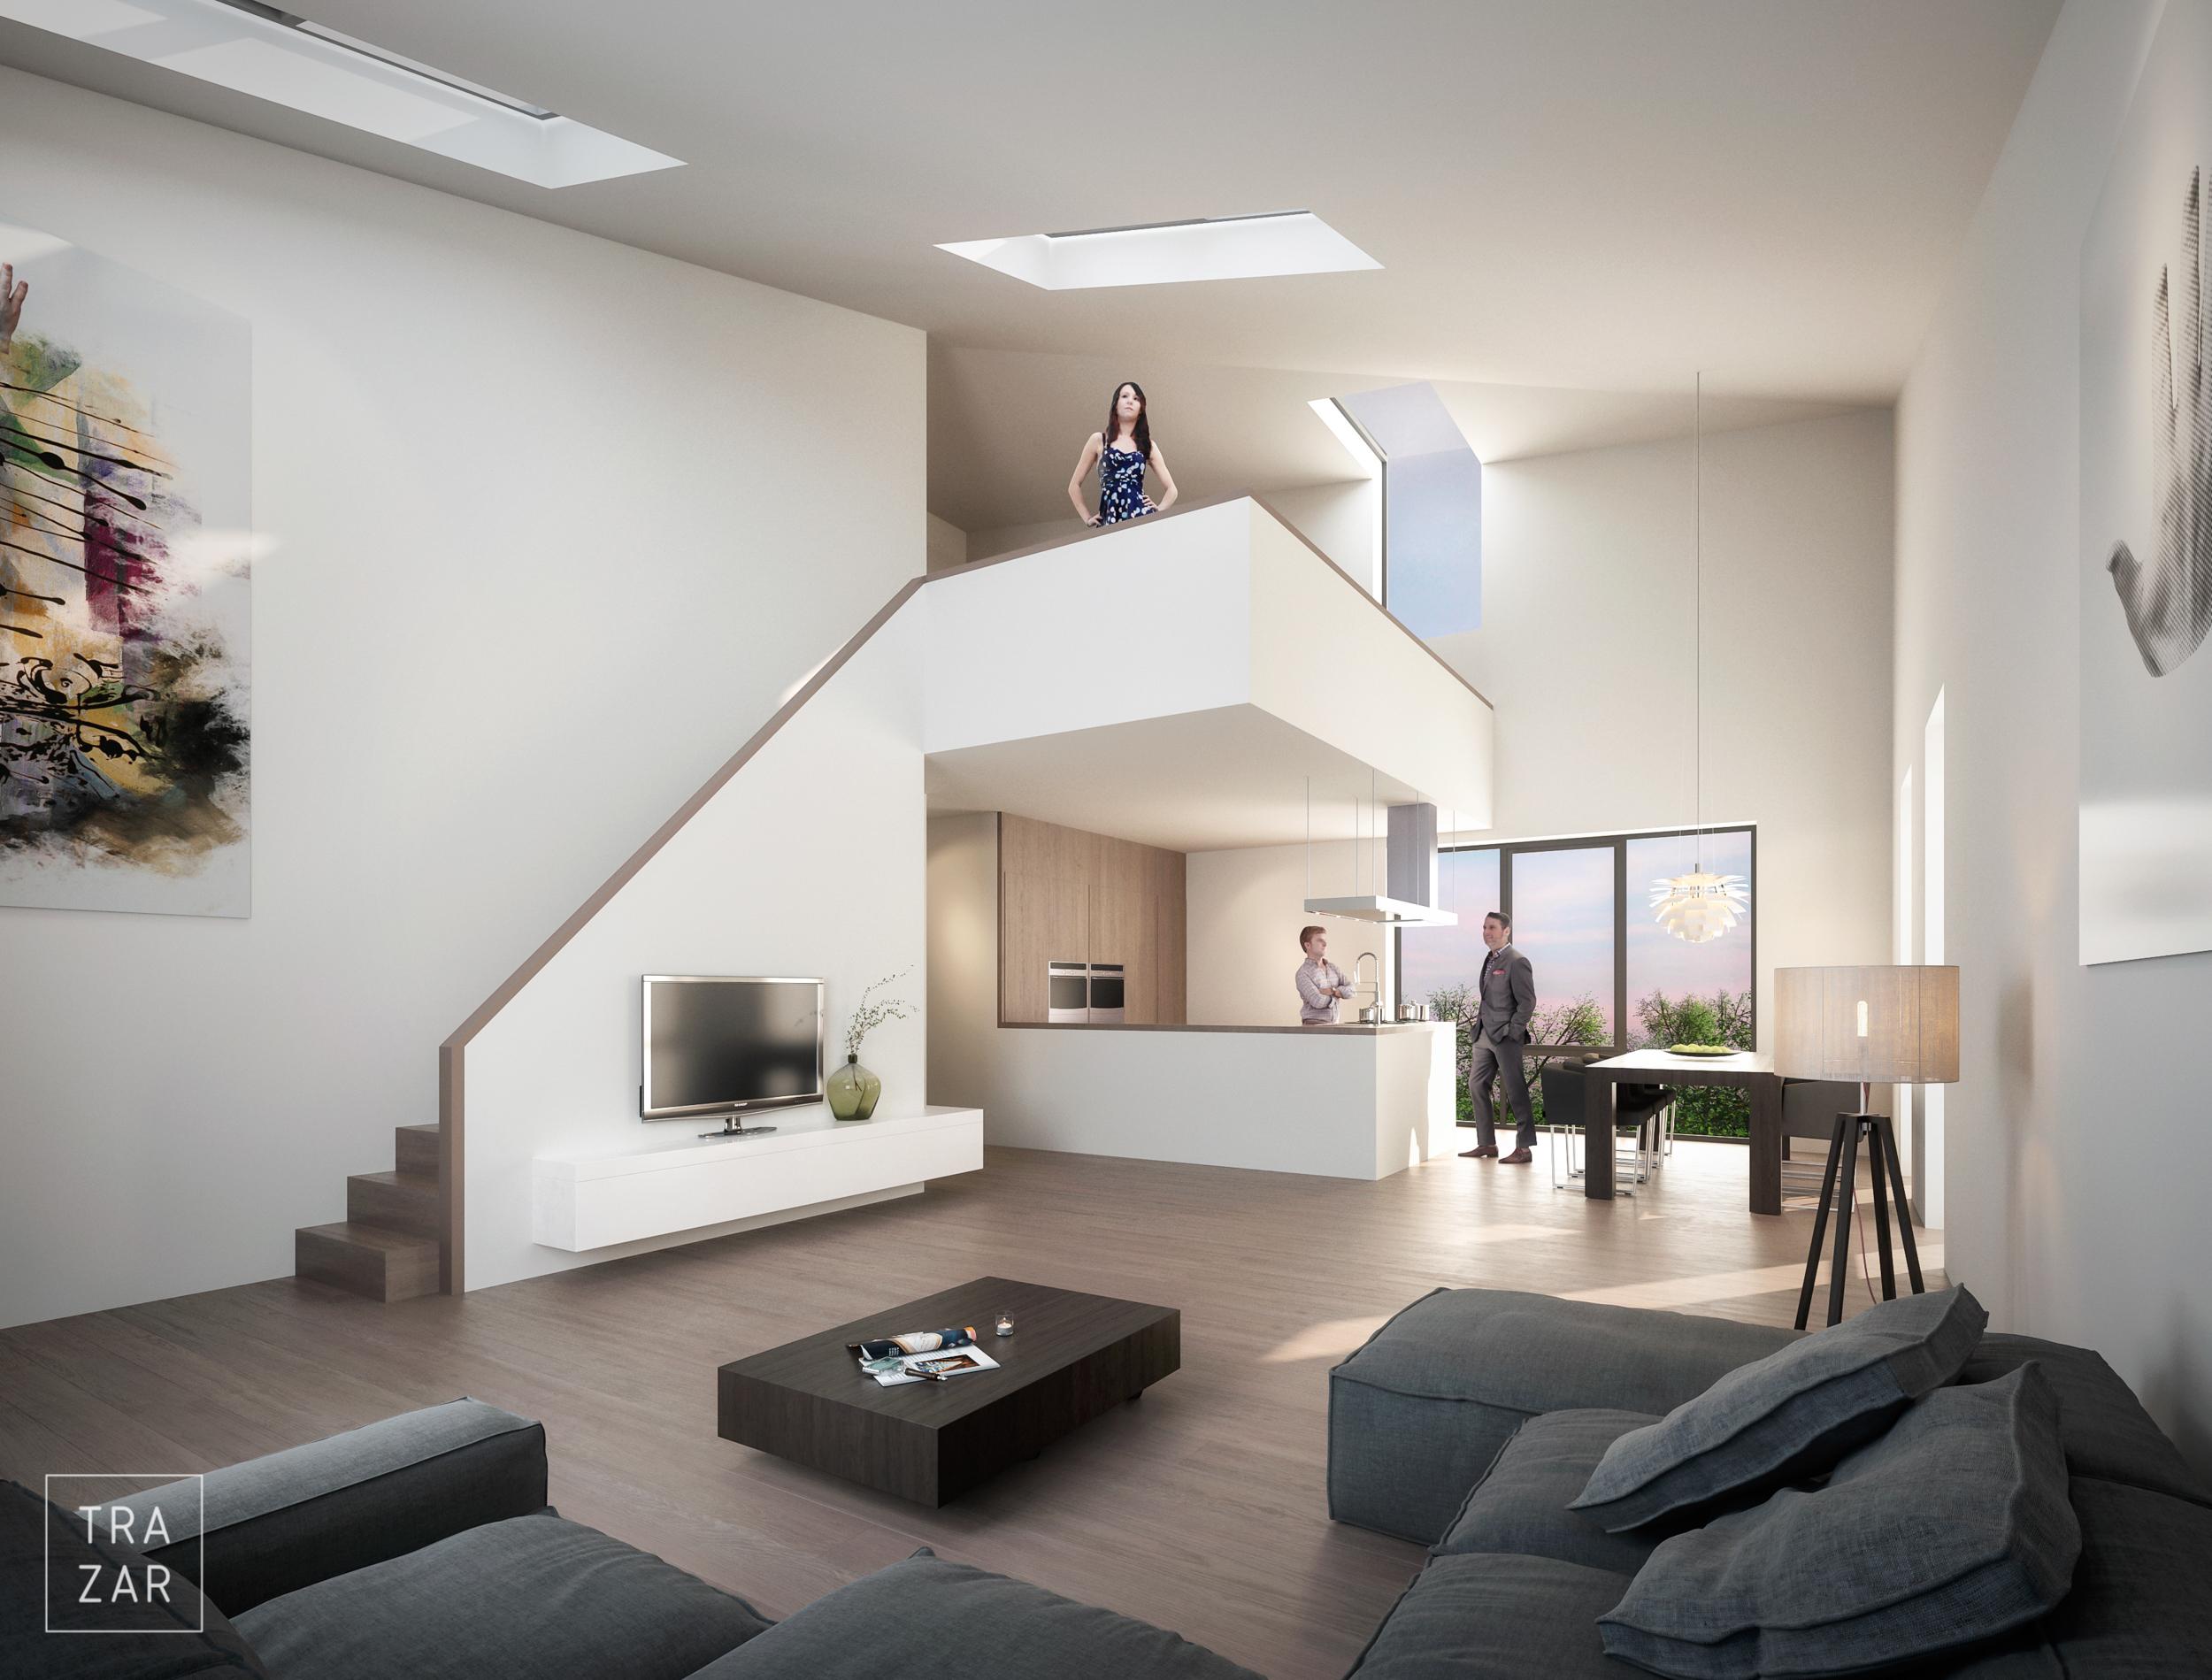 Artist impression interieur nieuwbouw met eetkamer, , zitkamer, keuken en tuin (11).jpg